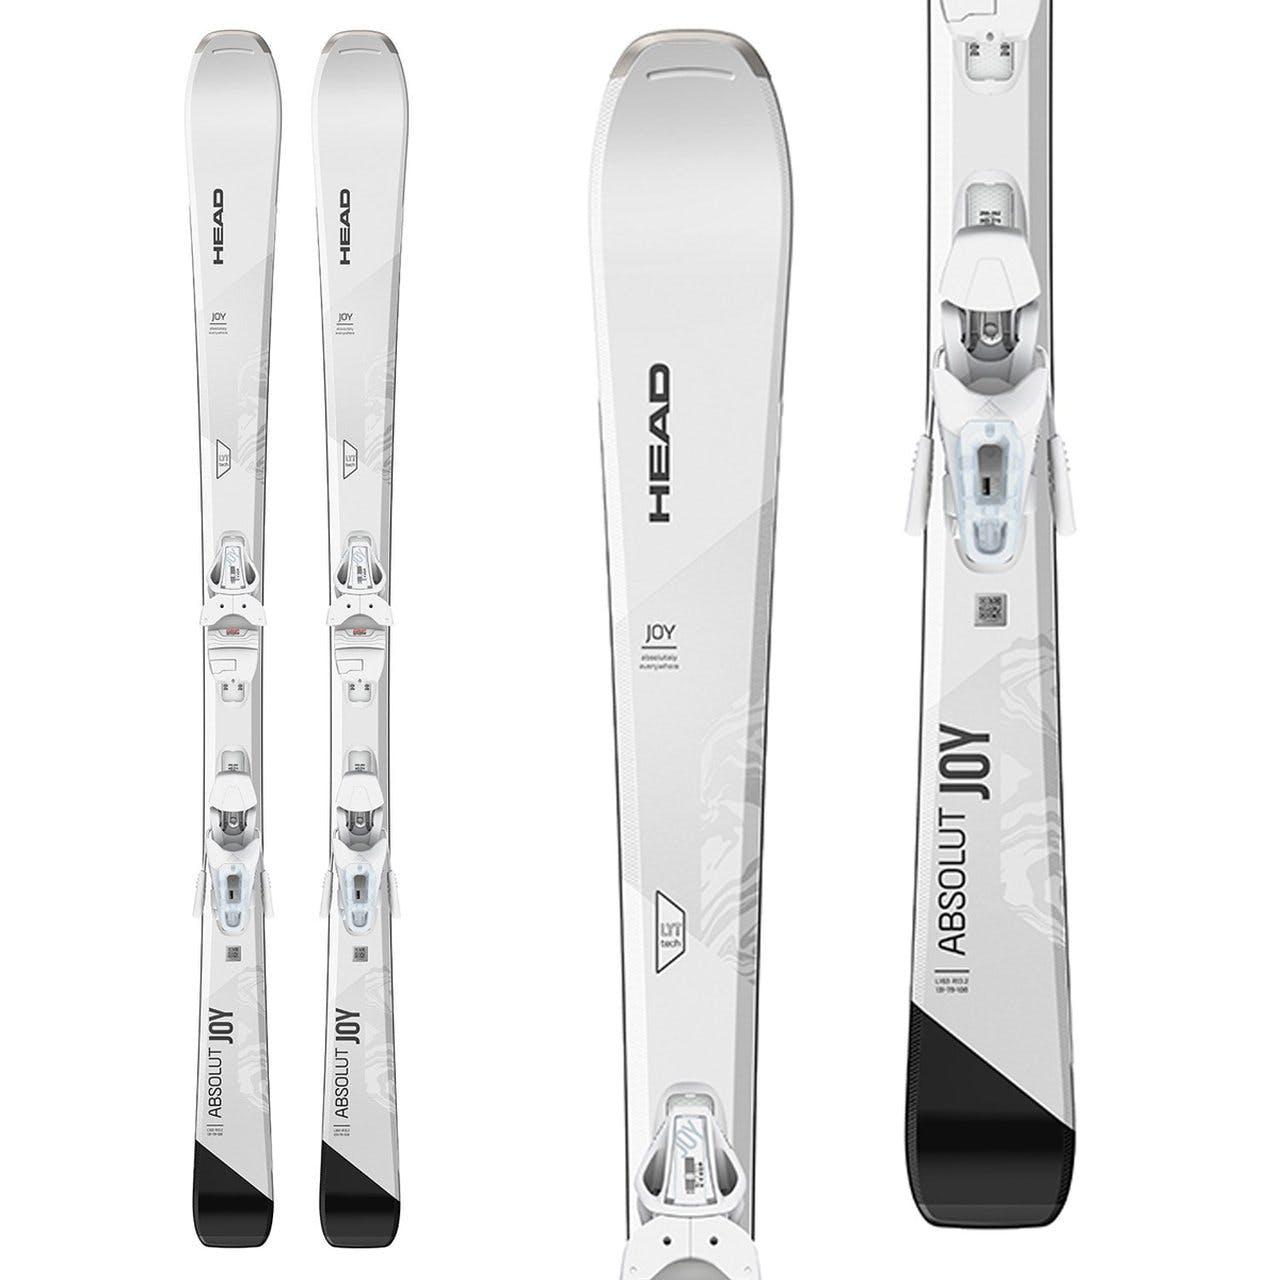 Head Absolut Joy Slr Joy Pro Women's Skis with Joy 9 Gw Bindings · 2022